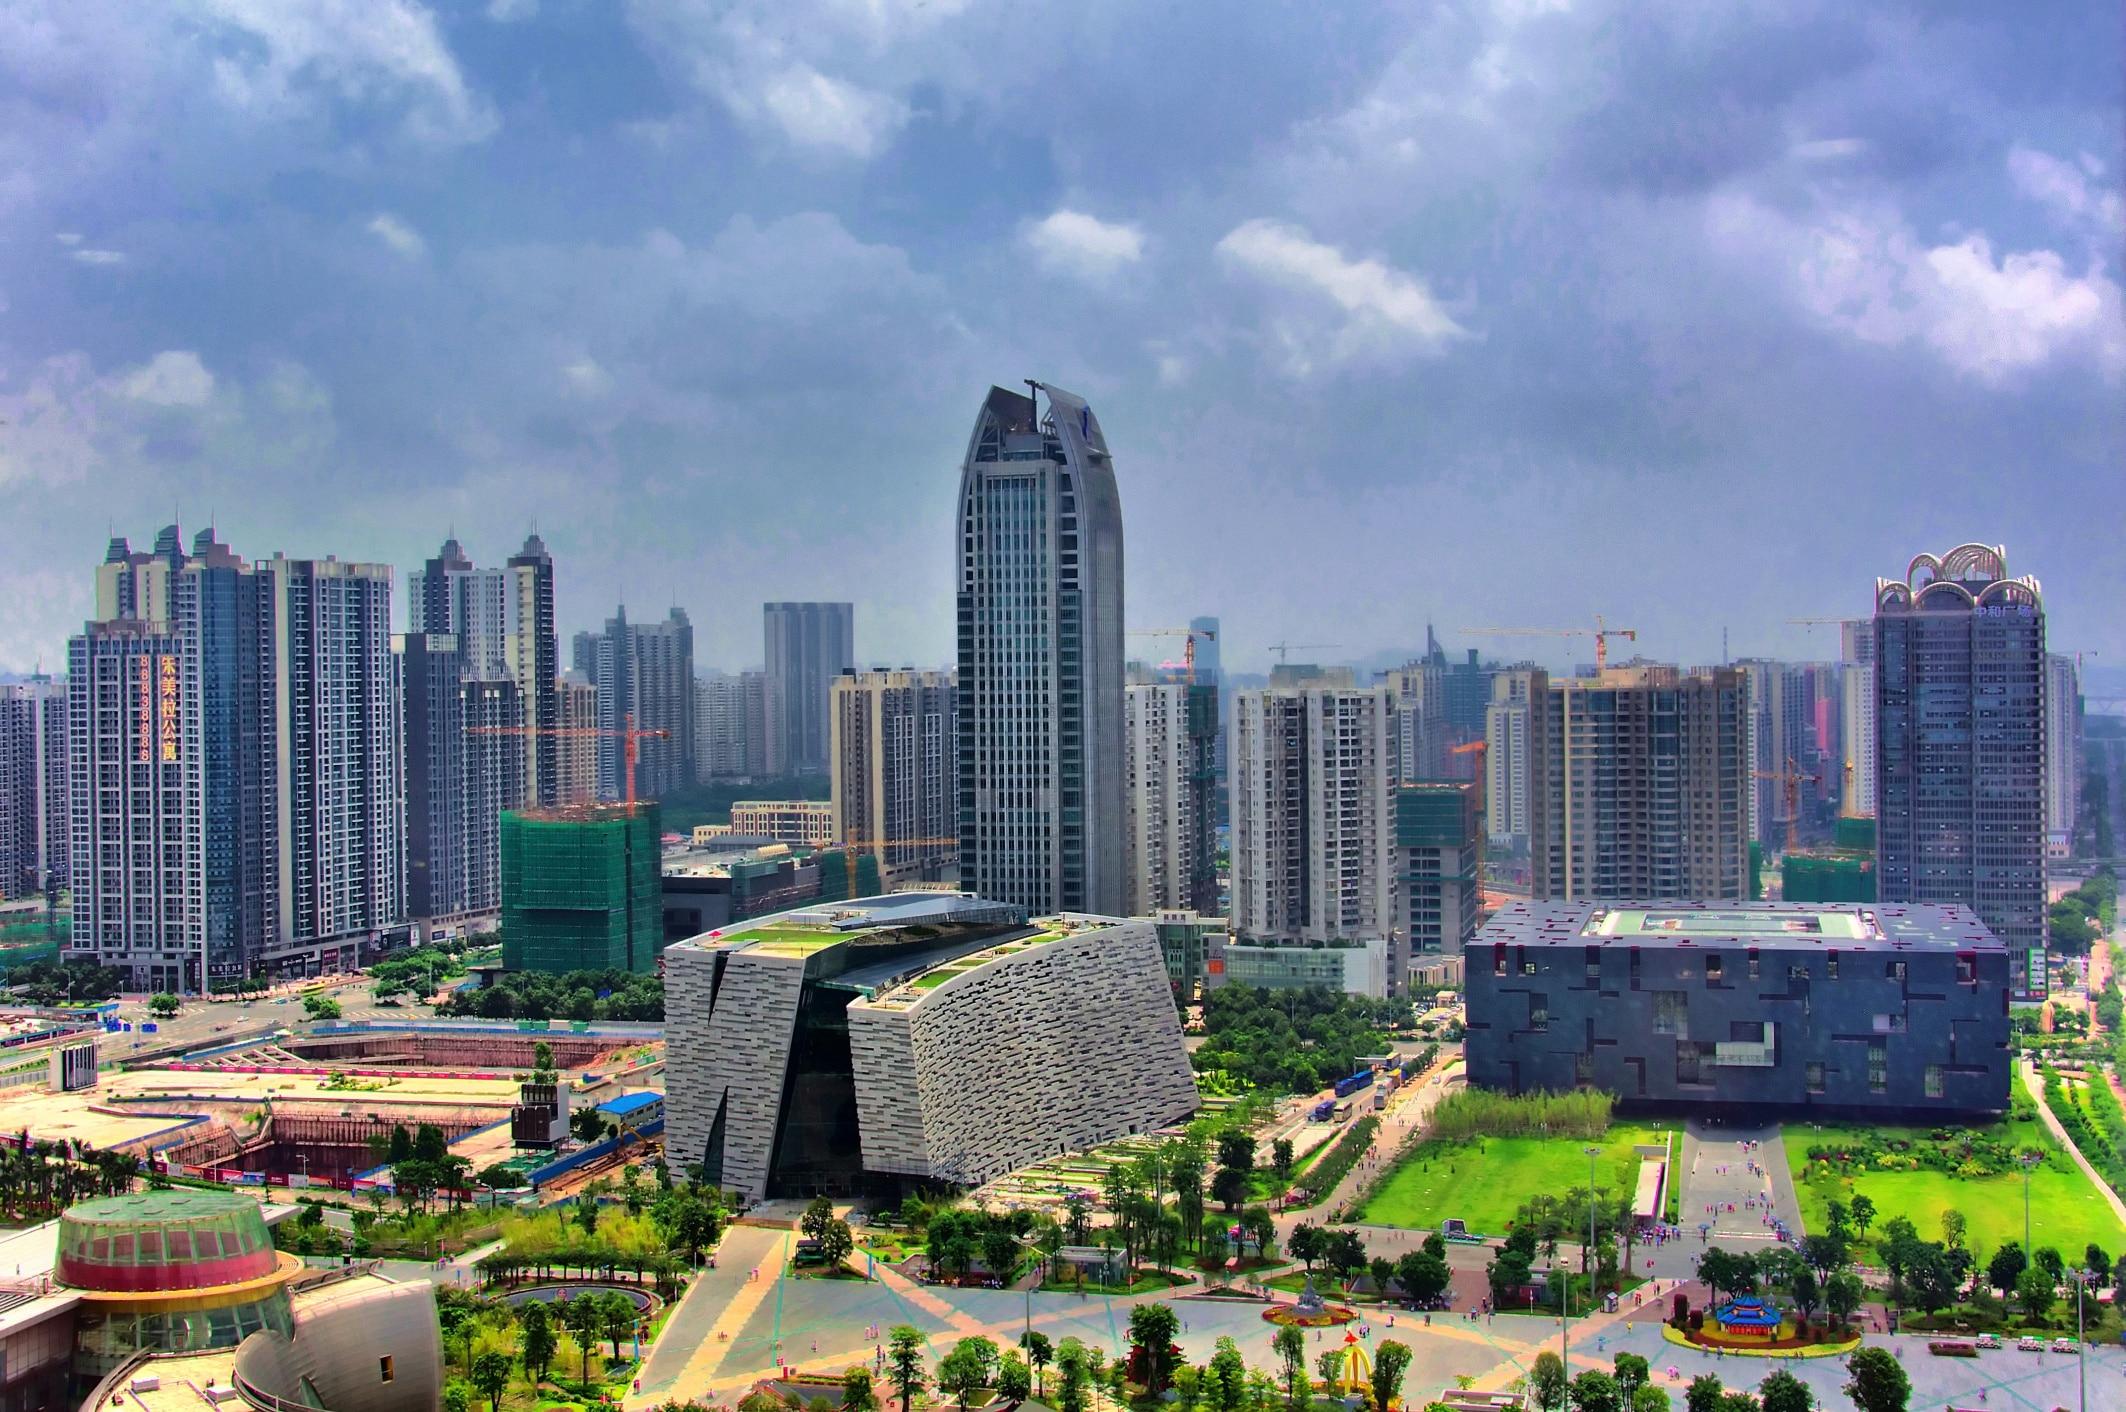 Guangdong Provincial Museum, Guangzhou, Guangdong, China